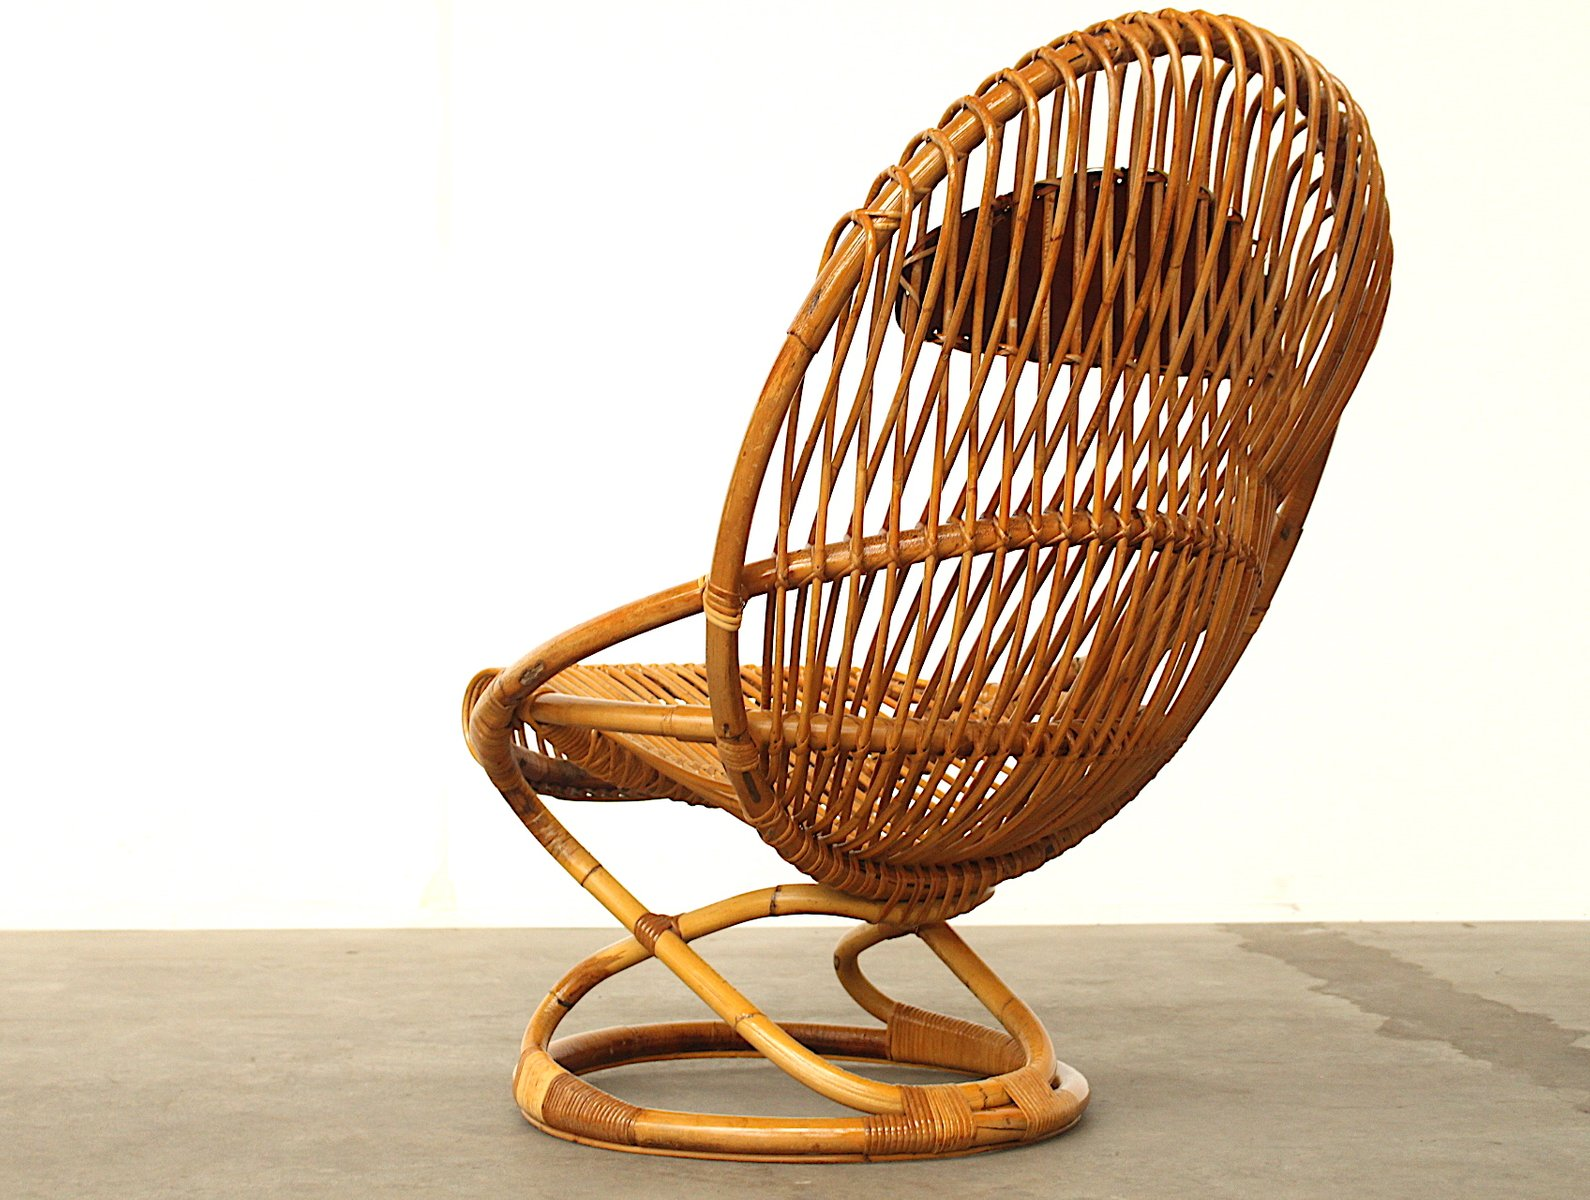 fauteuil en osier par giovanni travasa pour bonacina. Black Bedroom Furniture Sets. Home Design Ideas